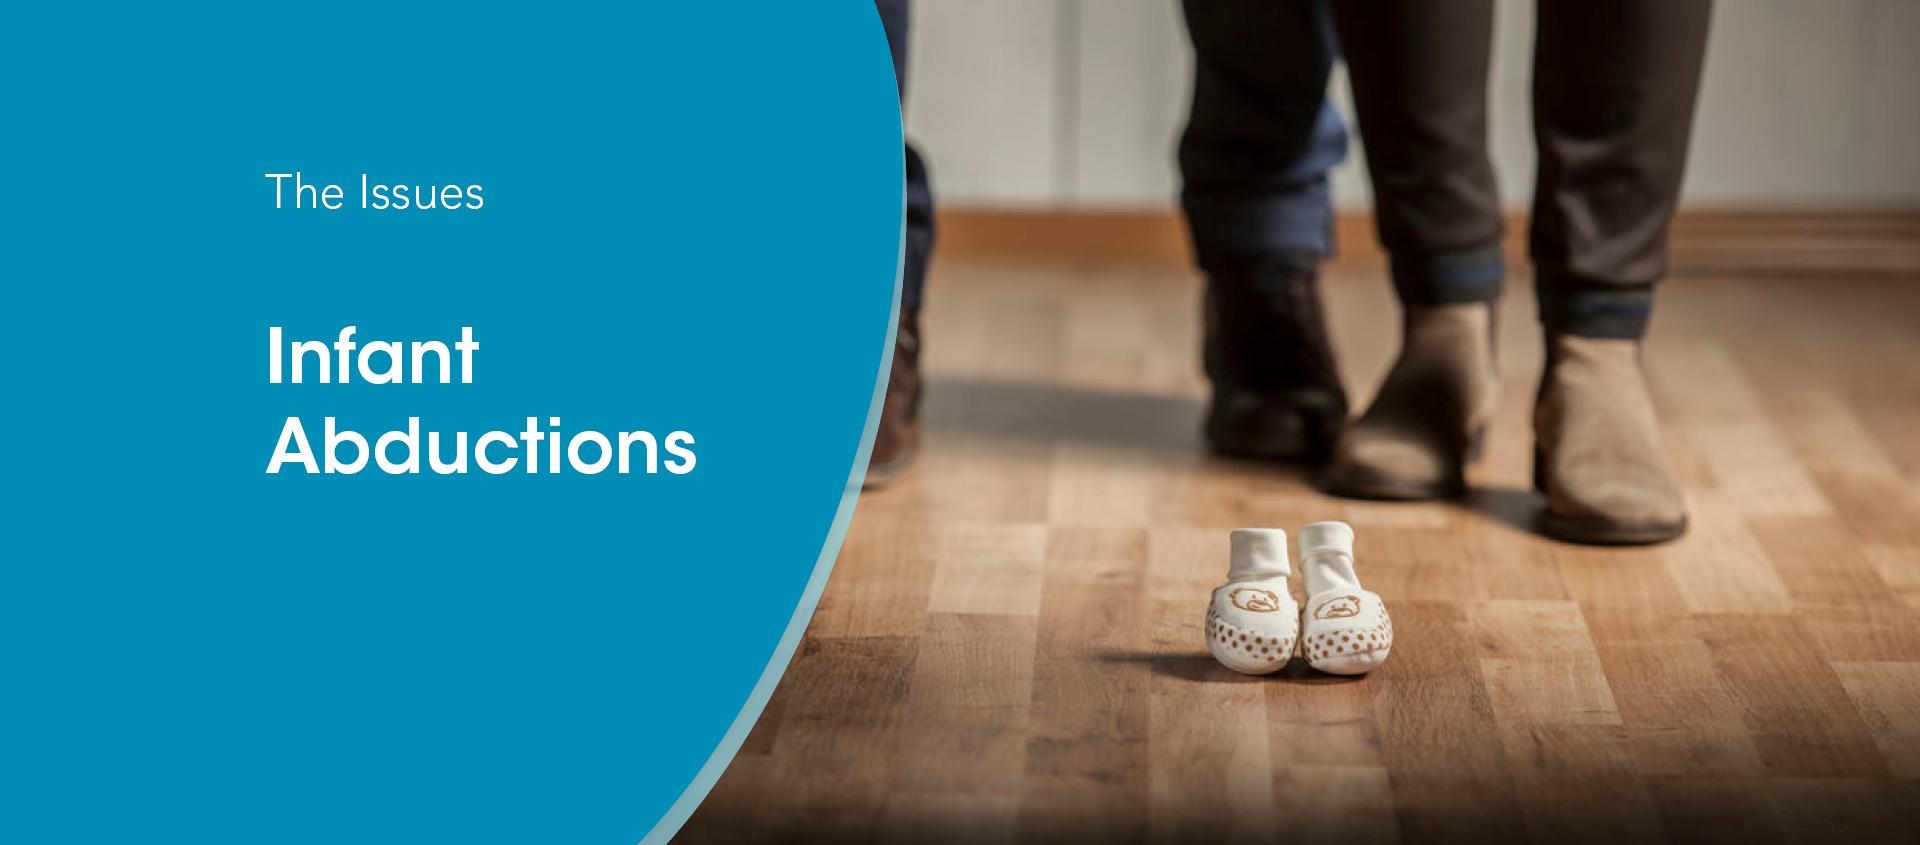 Infant Abductions